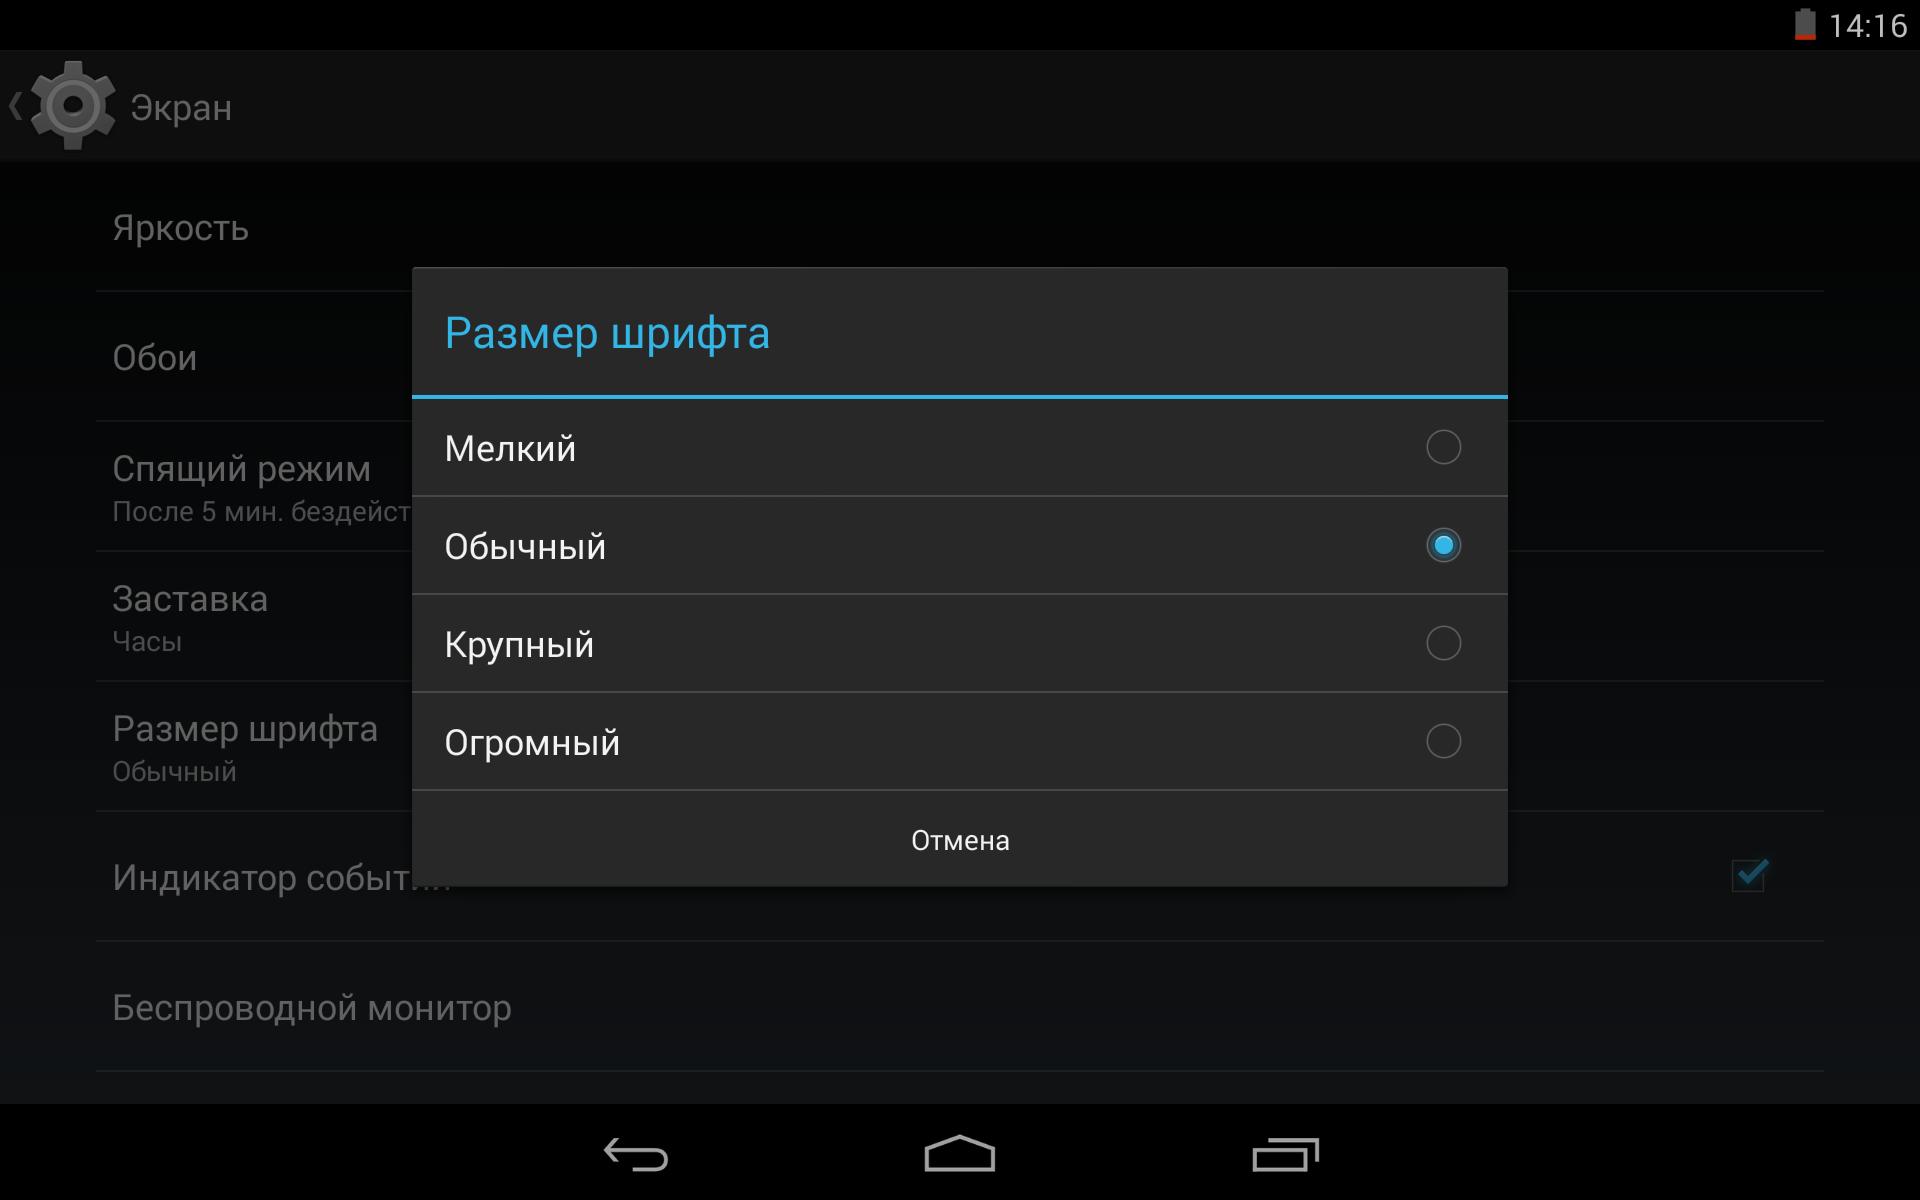 Скачать на андроид программу для увеличения шрифта